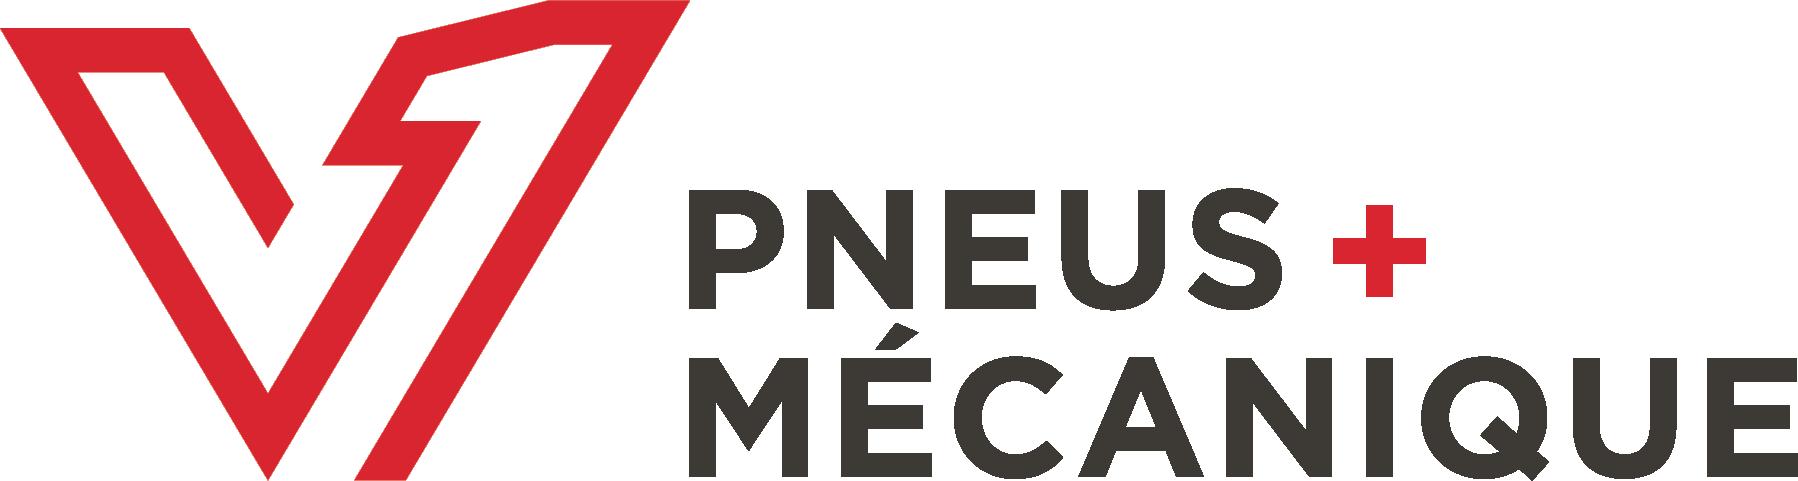 membre Pneus V1